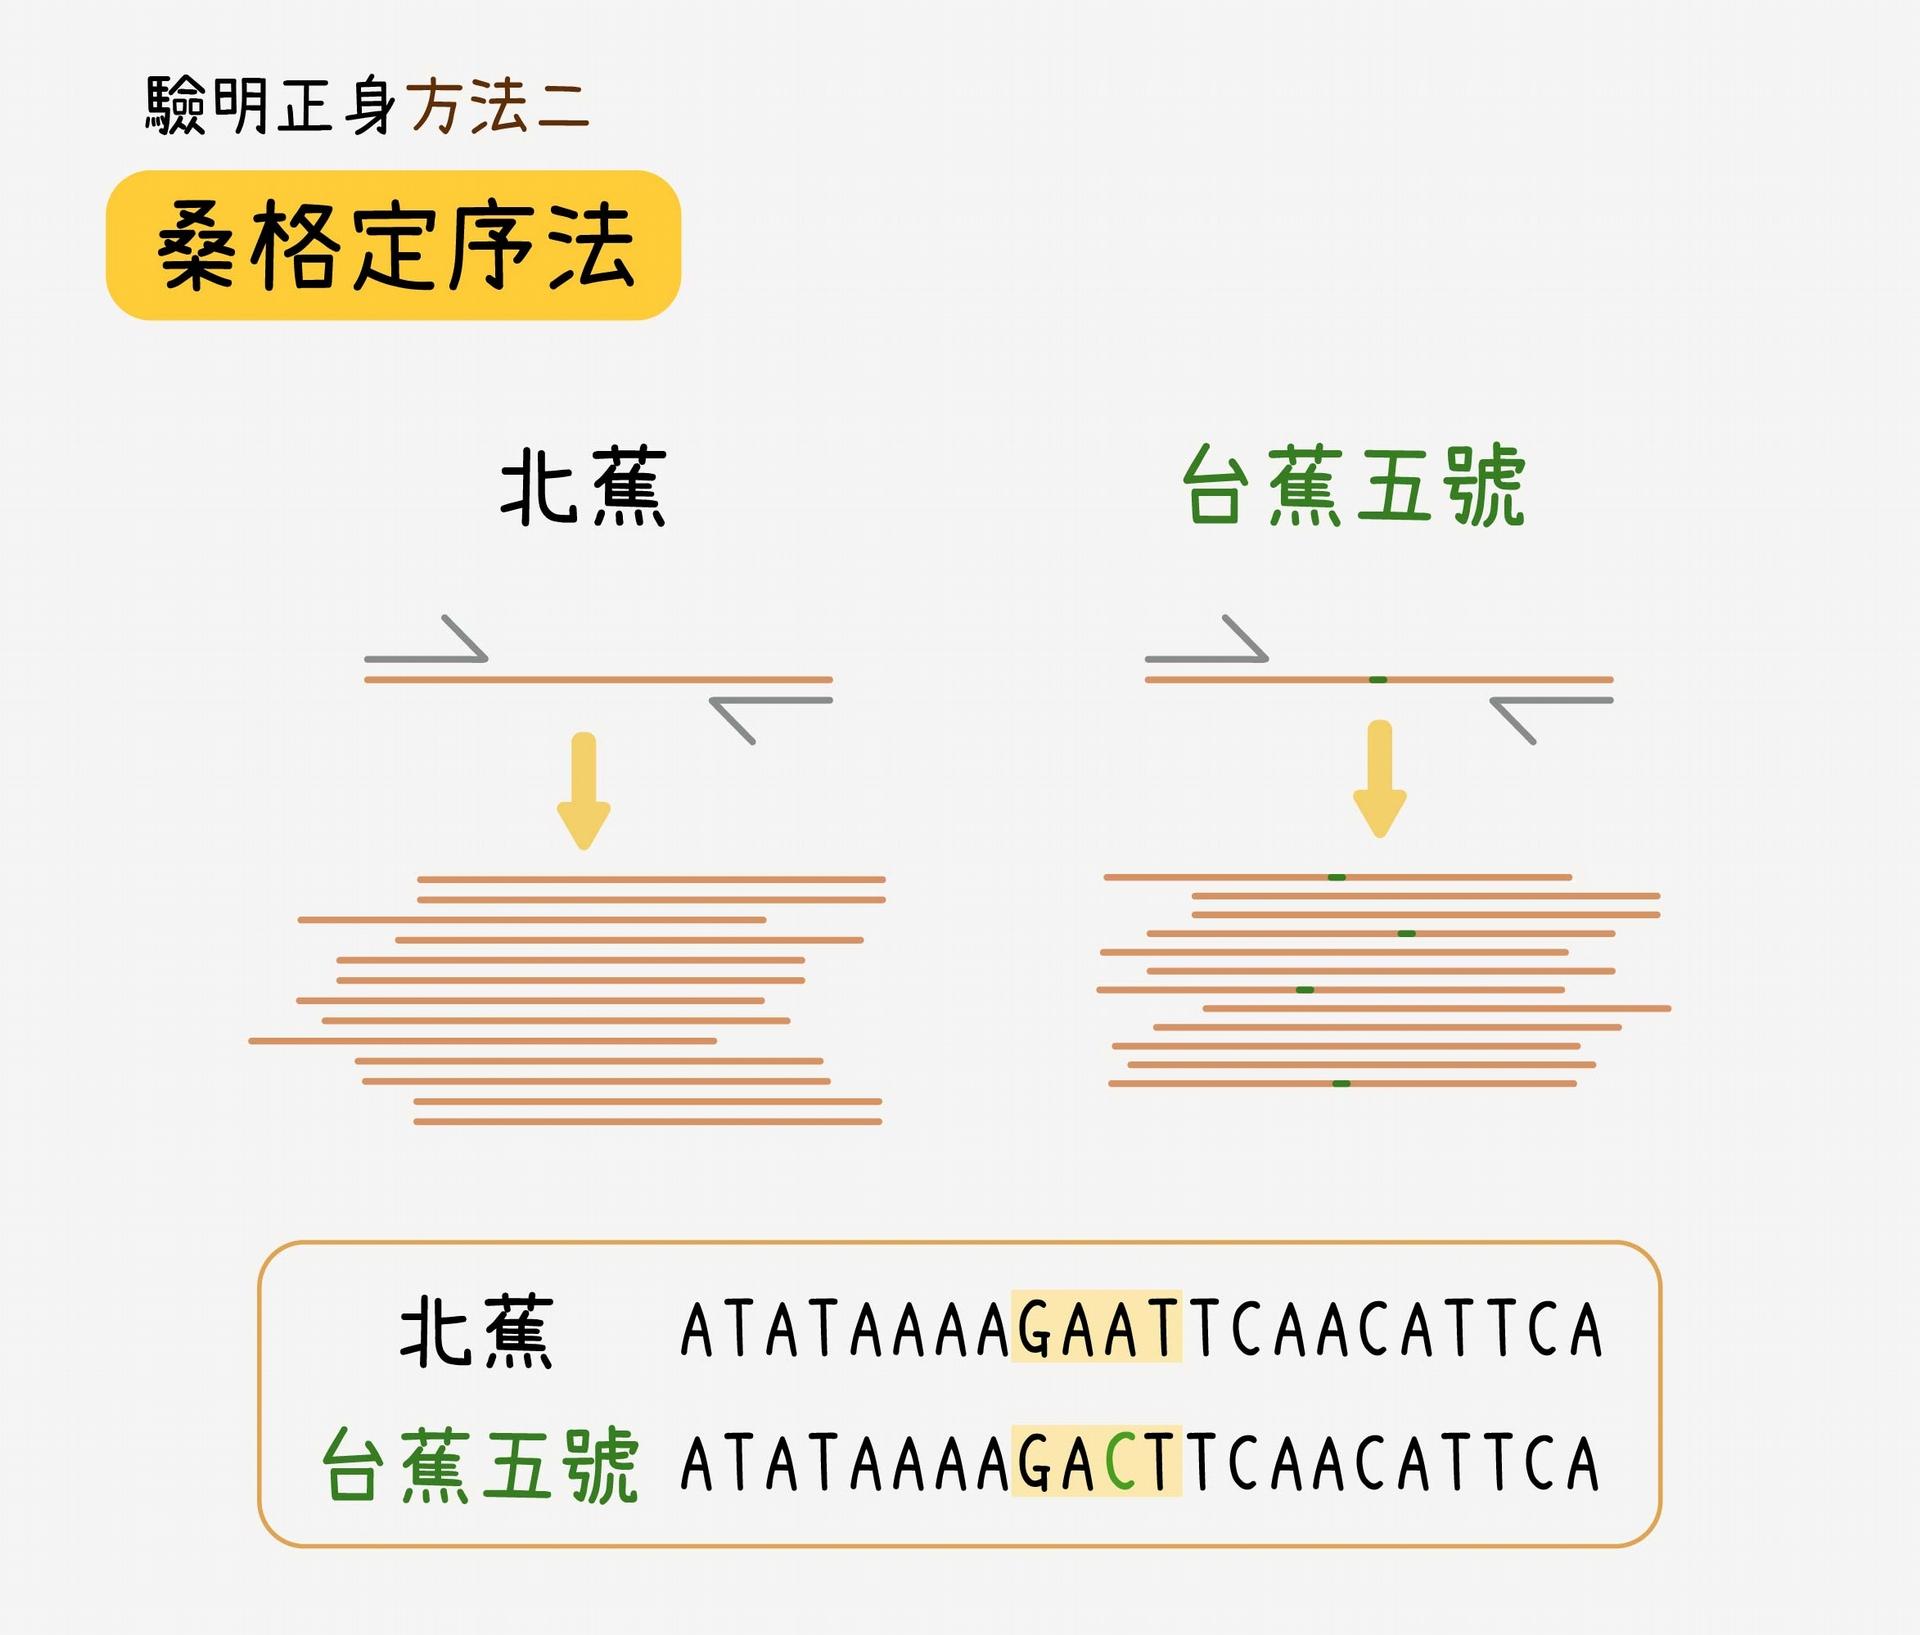 舉例來說,北蕉有一段序列是 GAAT,台蕉五號為 GACT,第三個鹼基的位置,在北蕉為 A,在台蕉五號則突變為 C,以此段序列作為鑑定台蕉五號的分子標誌。把未知品種該處的 DNA 片段拿去定序,測定出來的序列如果包含 GACT,就能知道該品種為台蕉五號。 資料來源│蘇柏諺 (陳荷明實驗室) 圖說重製│林洵安